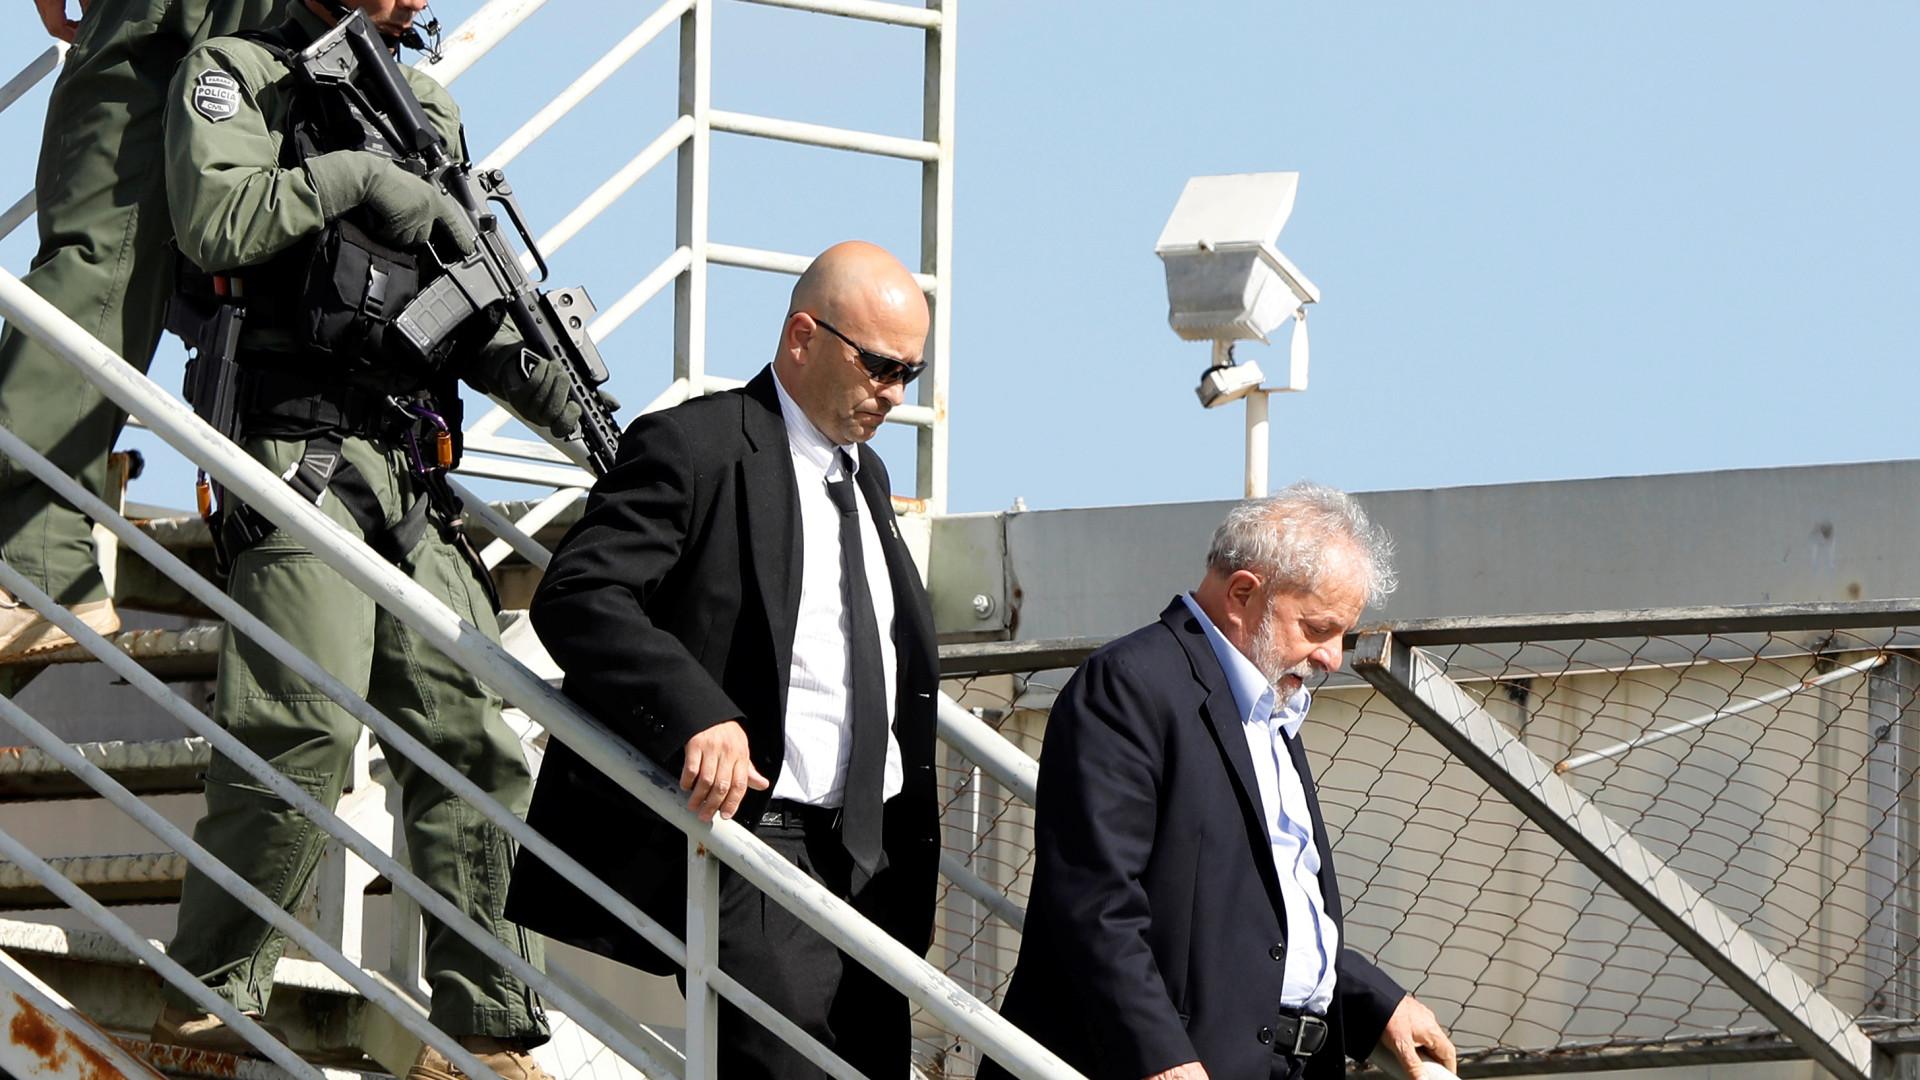 Presença de Lula na PF gera rodízio de agentes e 'plantão de agrados'